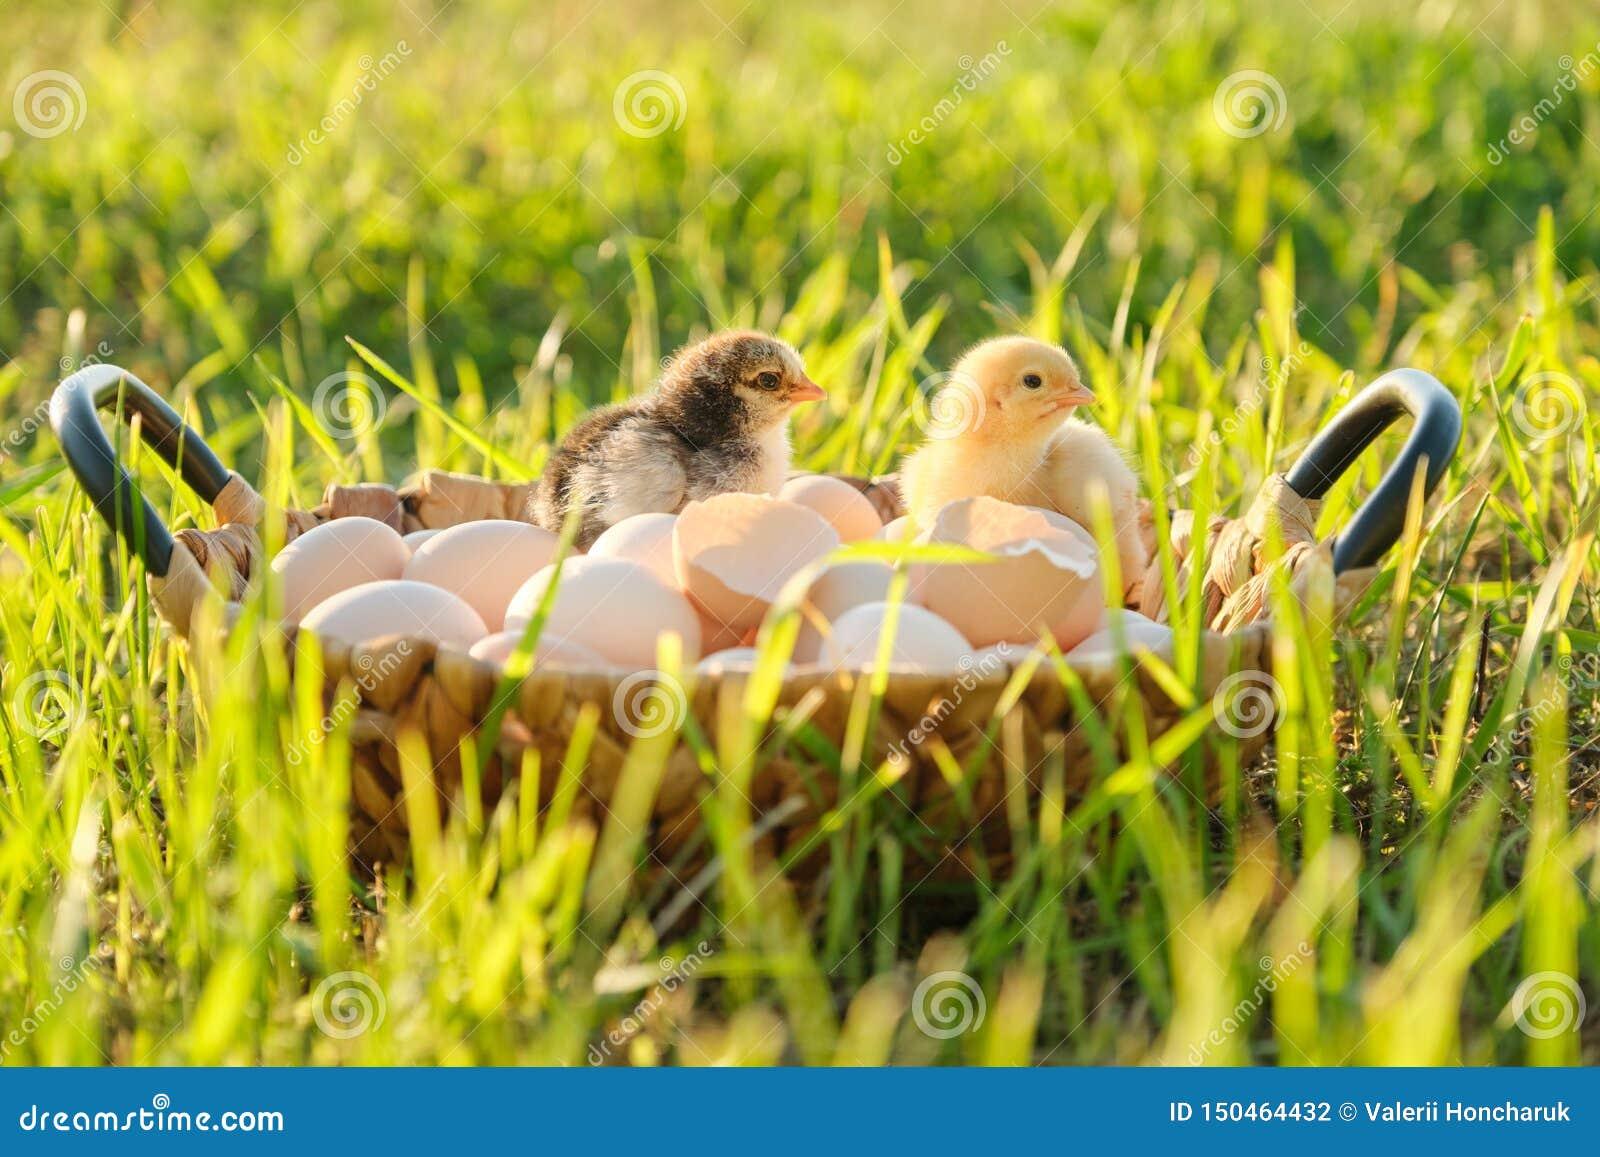 Korgen med naturliga nya organiska ägg med två lilla nyfött behandla som ett barn hönor, gräsnaturbakgrund